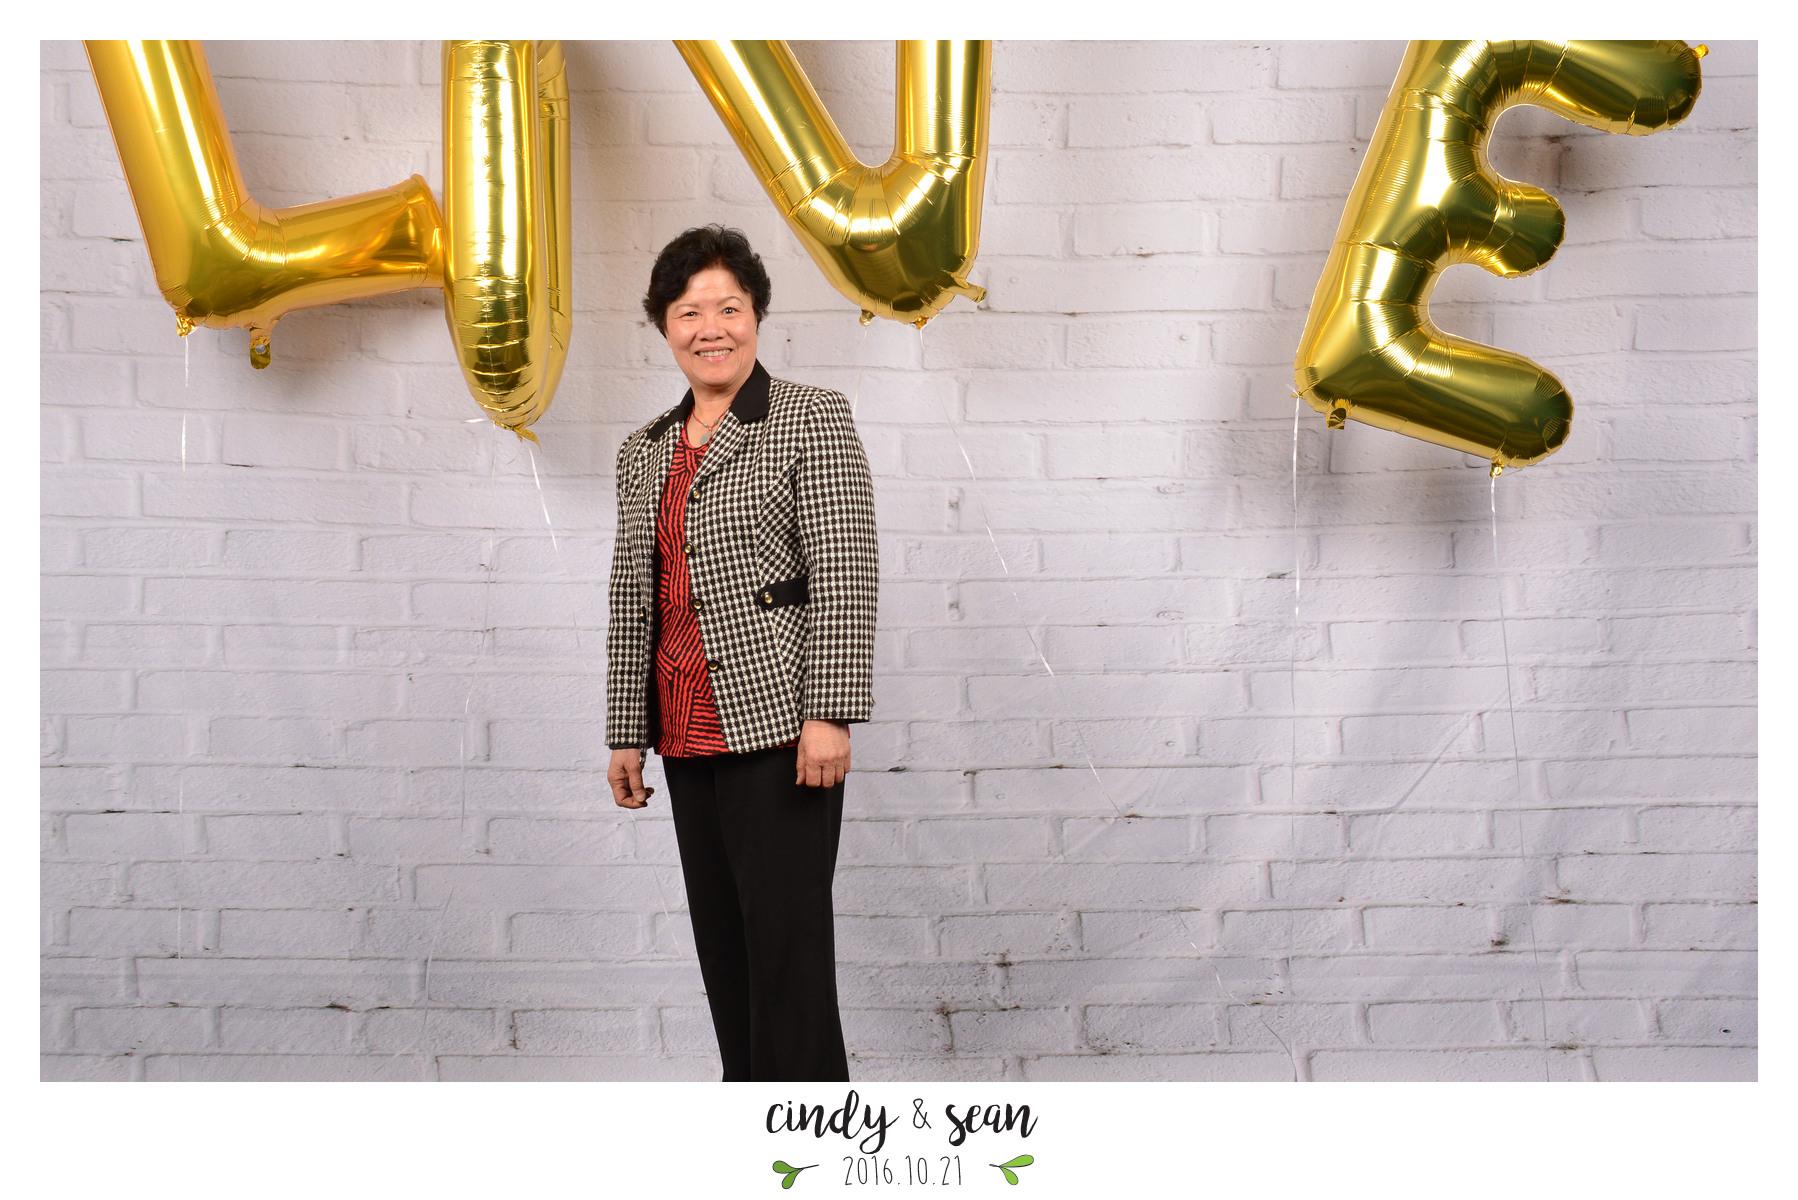 Cindy Sean Bae - 0001-83.jpg